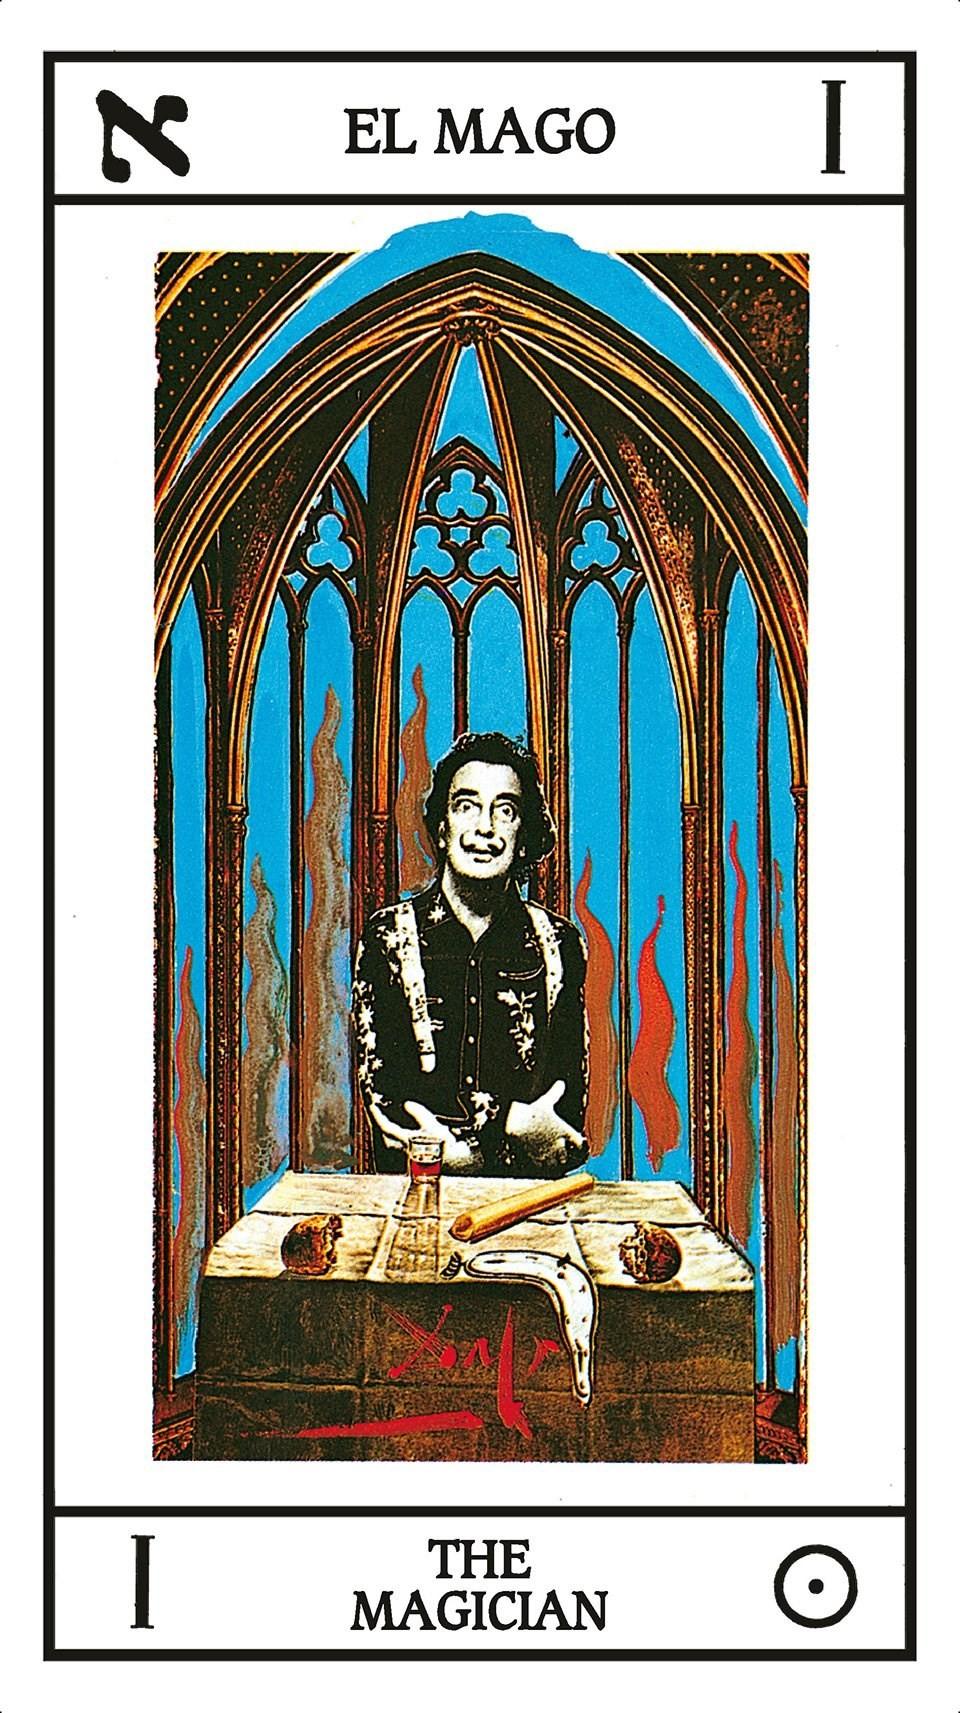 I tarocchi di Salvador Dalì ripubblicati da Taschen. Qui il mago, incarnato dall'artista